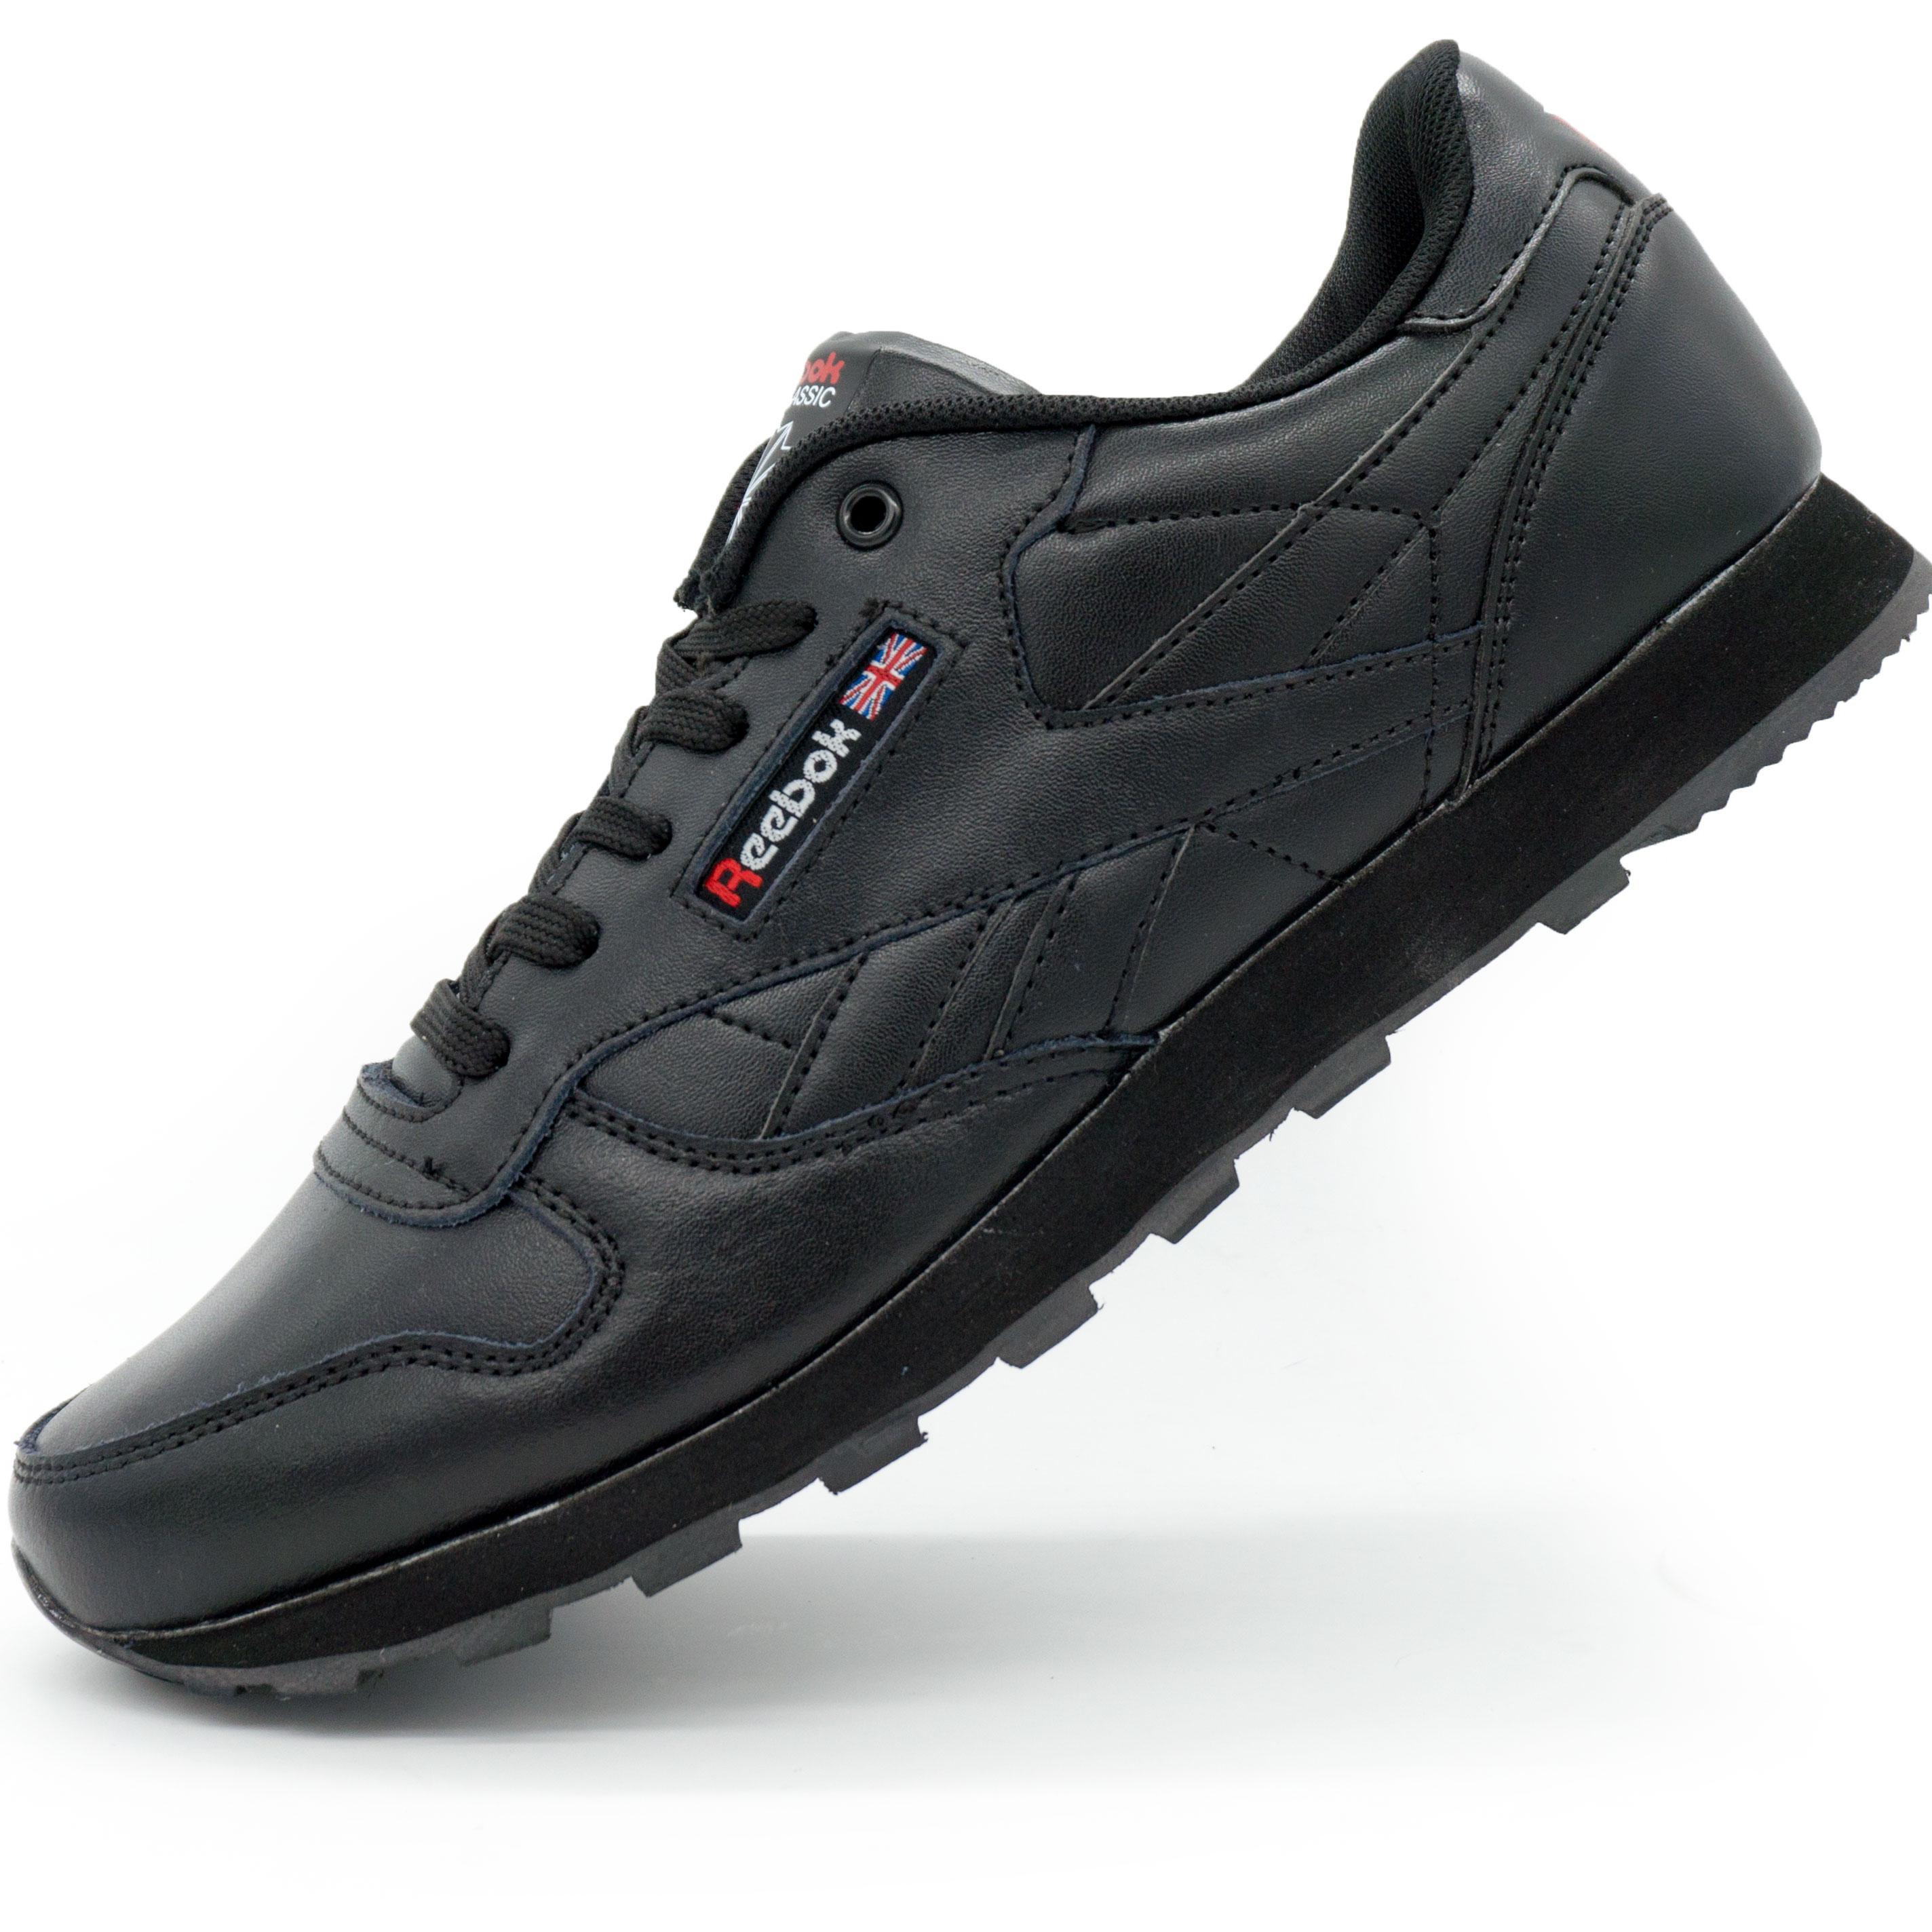 фото main Женские кроссовки Reebok classic leather black (Рибок класик черные, кожа) main